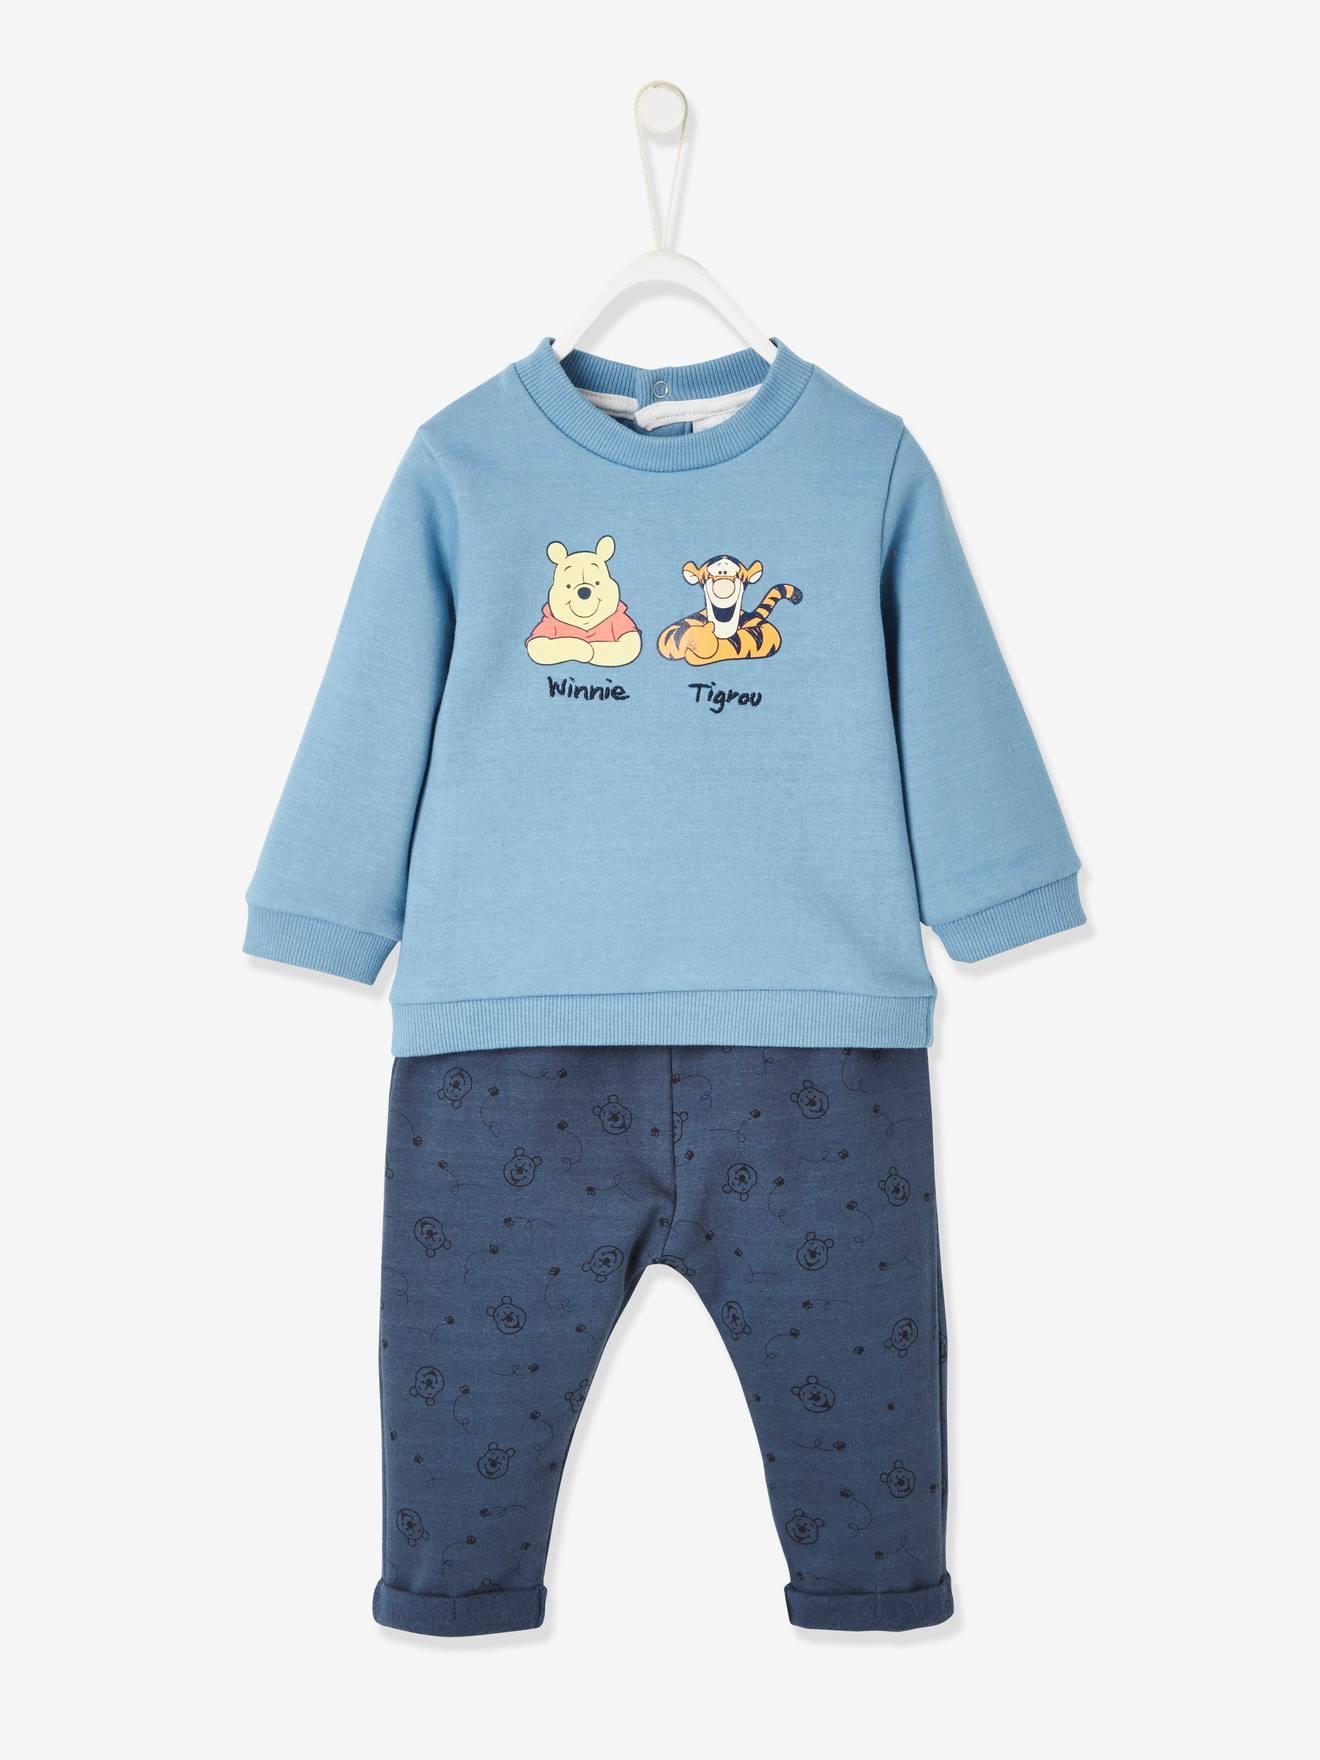 WINNIE L OURSON Conjunto Disney Oso Winnie the Pooh® con sudadera y pantalón árabe, para bebé azul oscuro liso con motivos